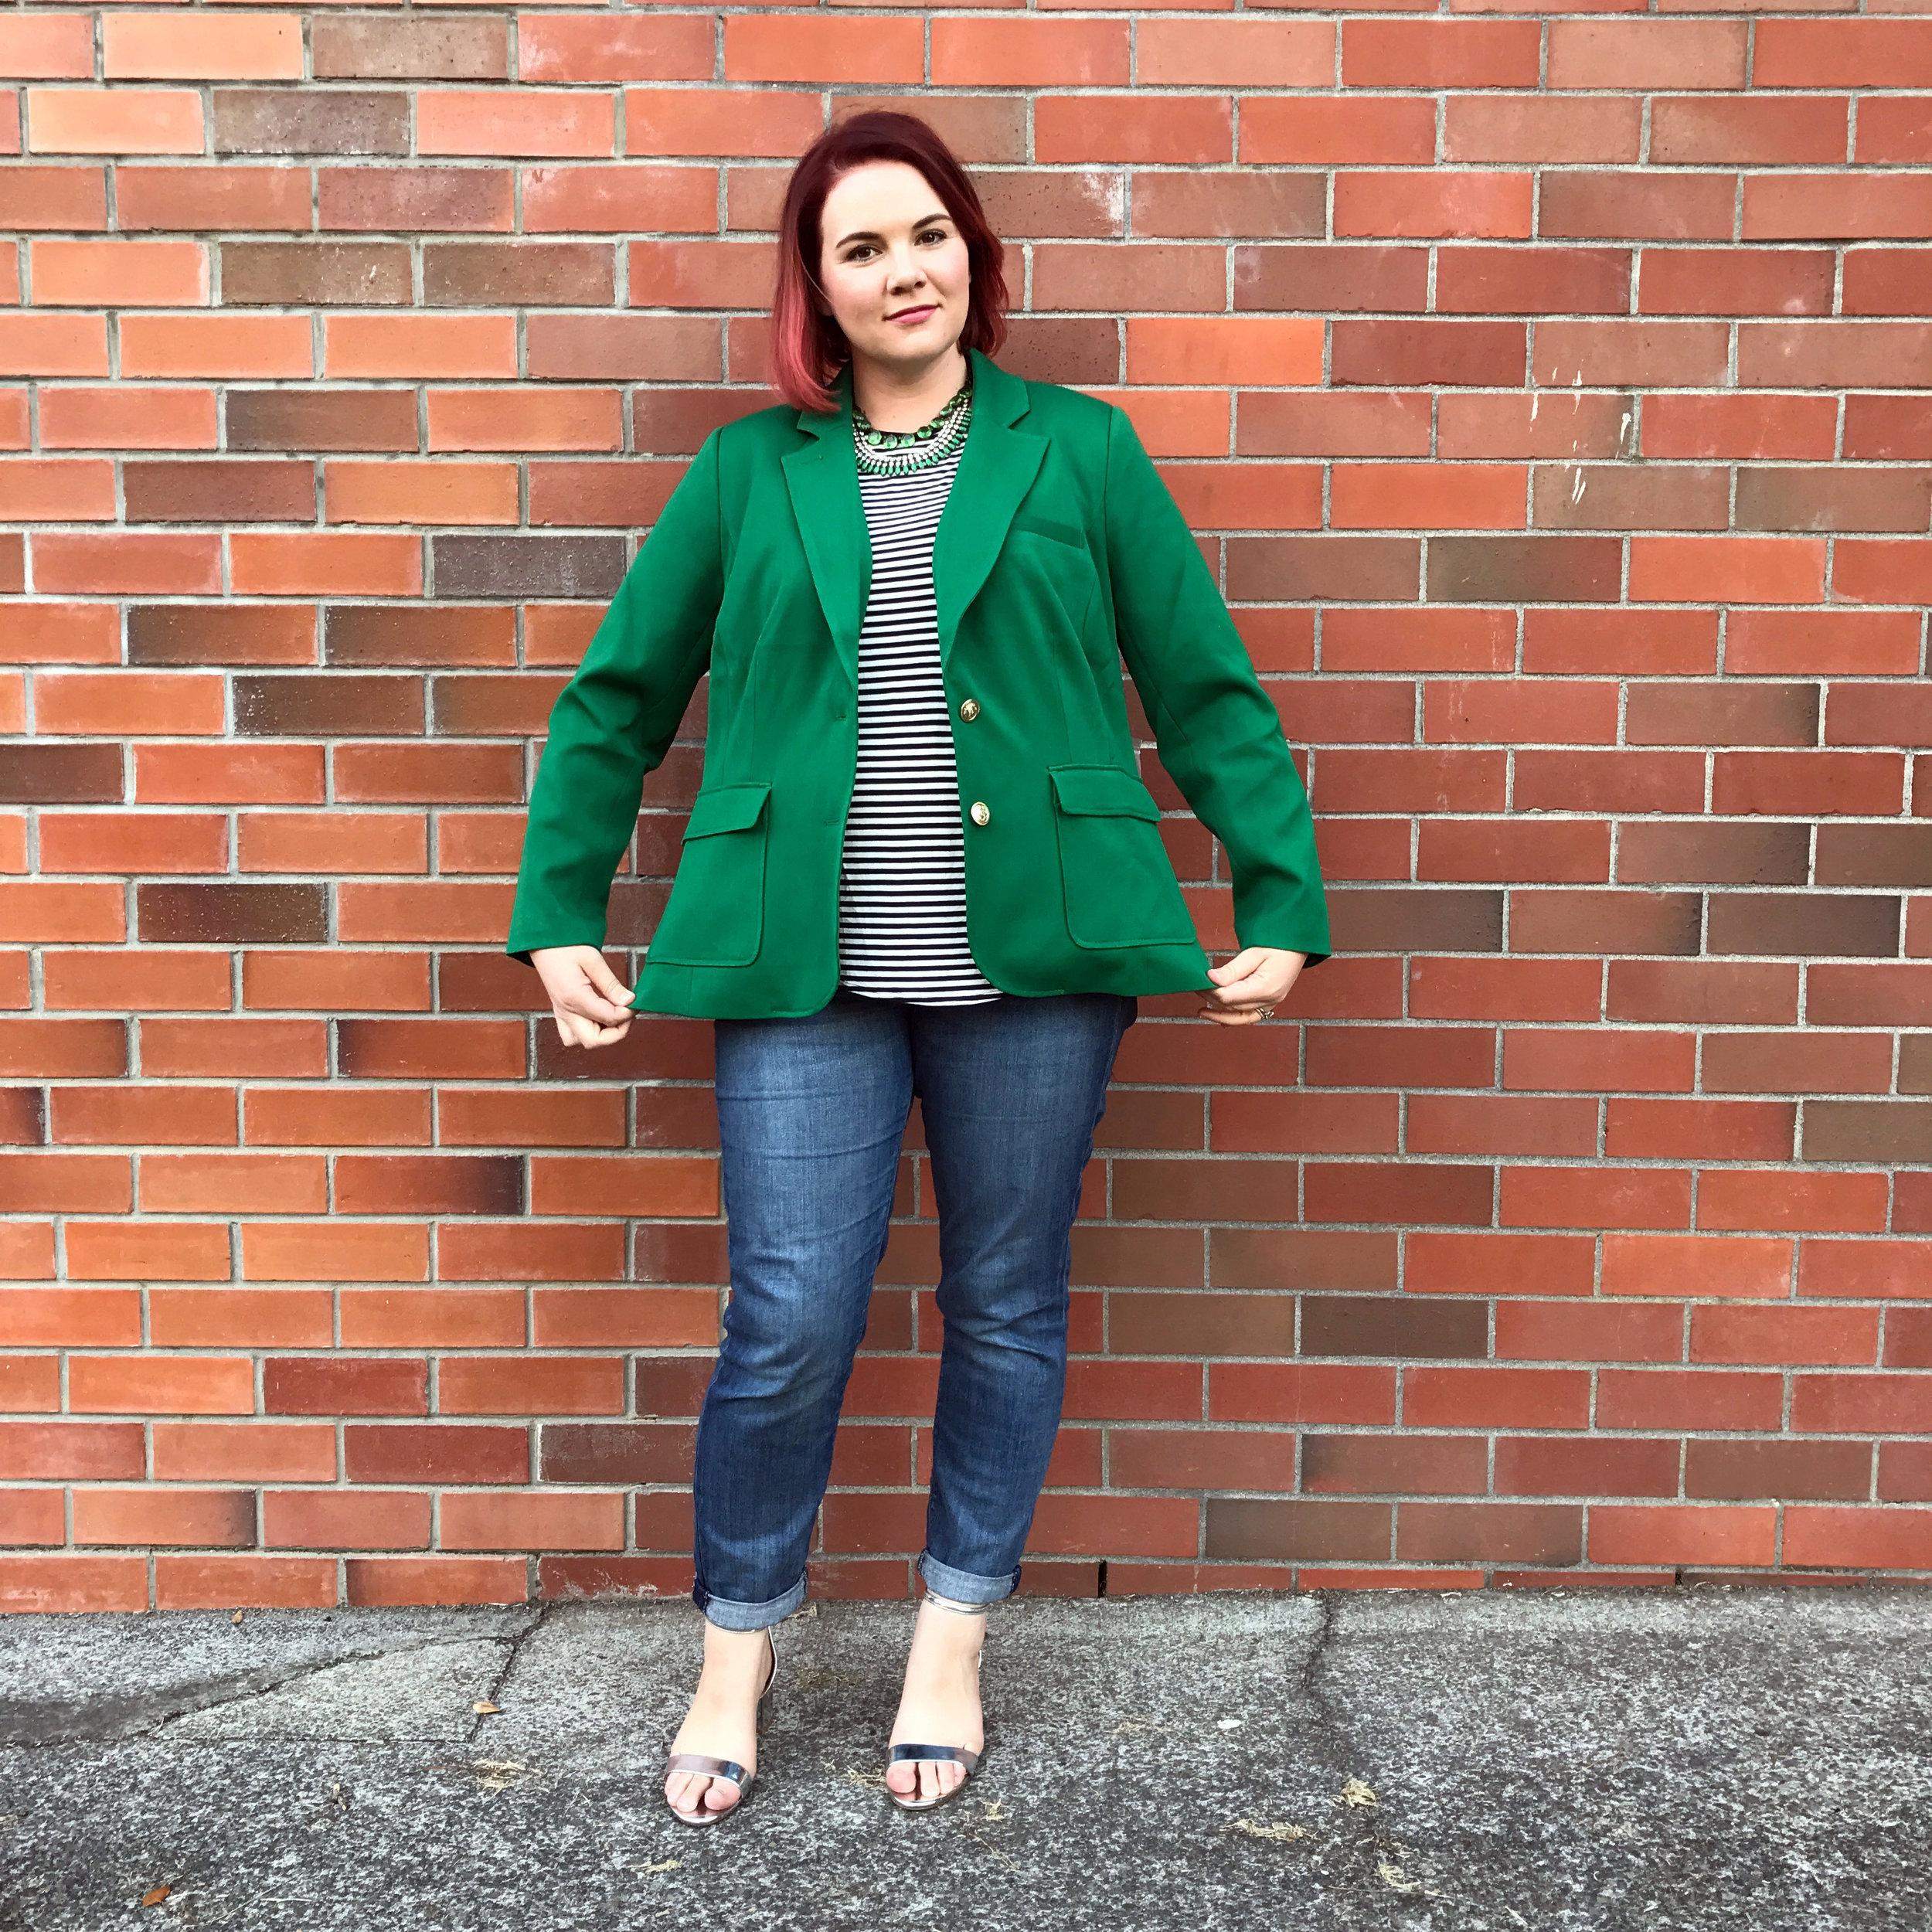 jacket-too-big.jpg